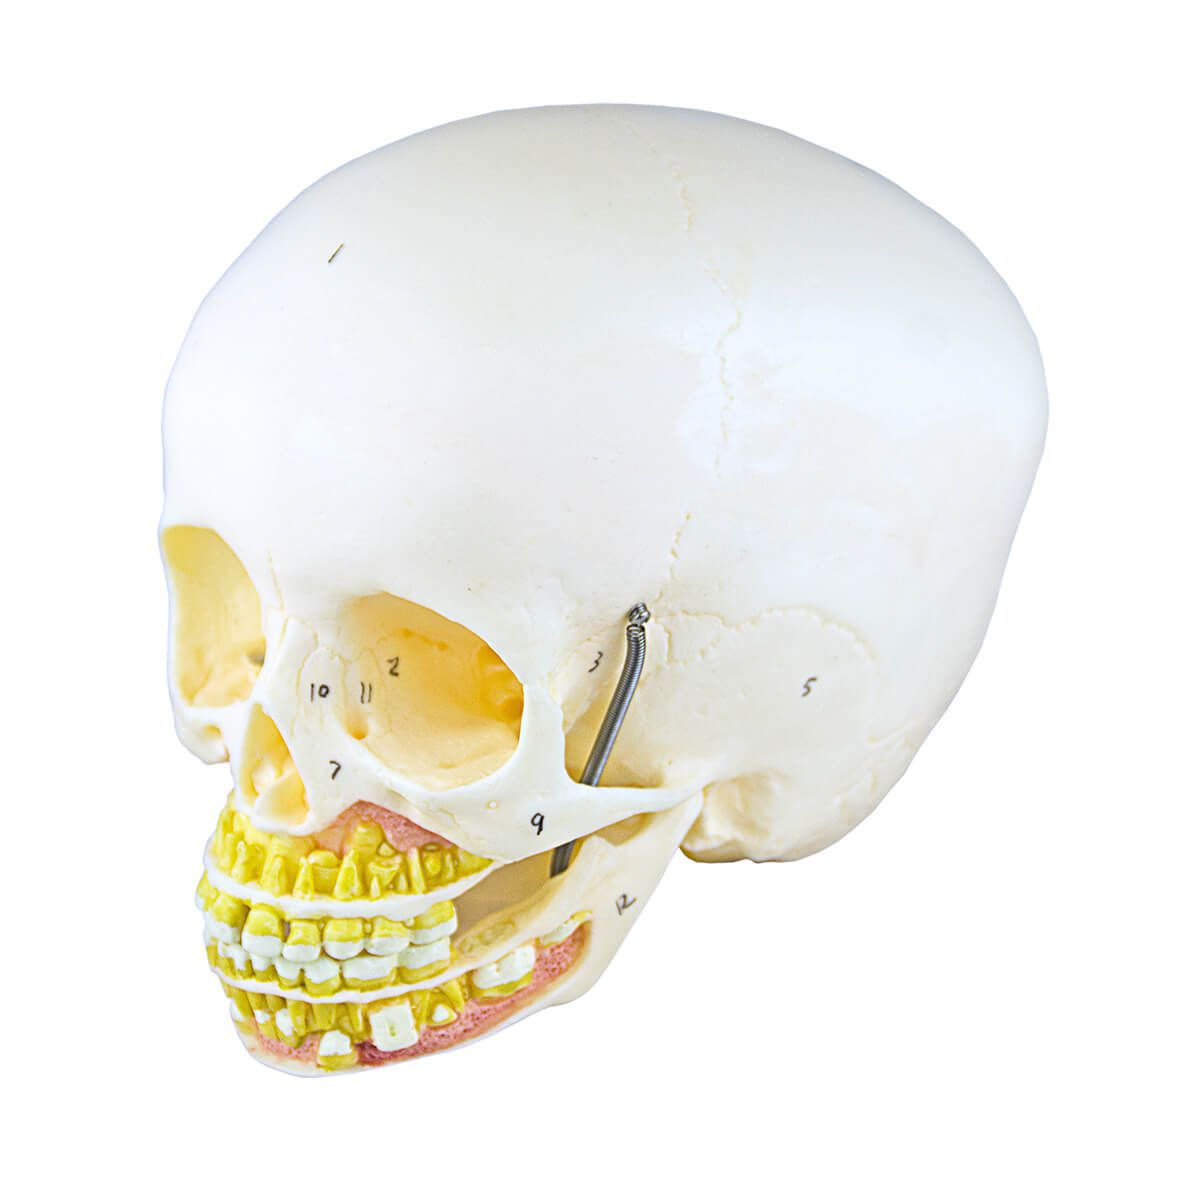 Crânio Infantil com Mandíbula Aberta, em 2 Partes